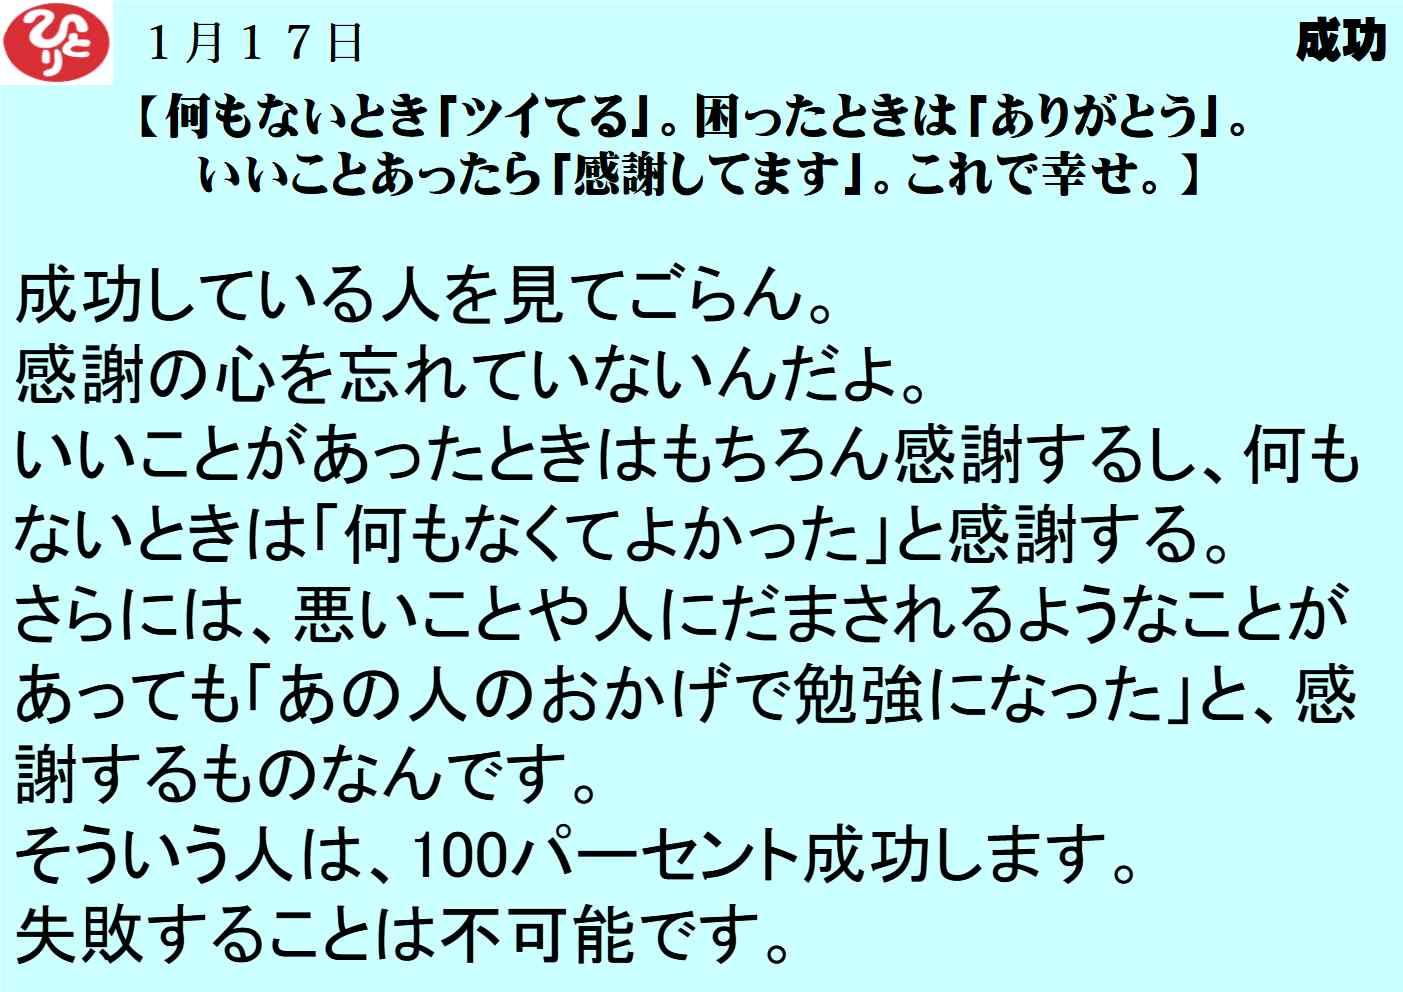 1月17日|何もないとき「ツイてる」。困ったときは「ありがとう」。いいことあったら「感謝してます」。これで幸せ。|一日一語斎藤一人|成功